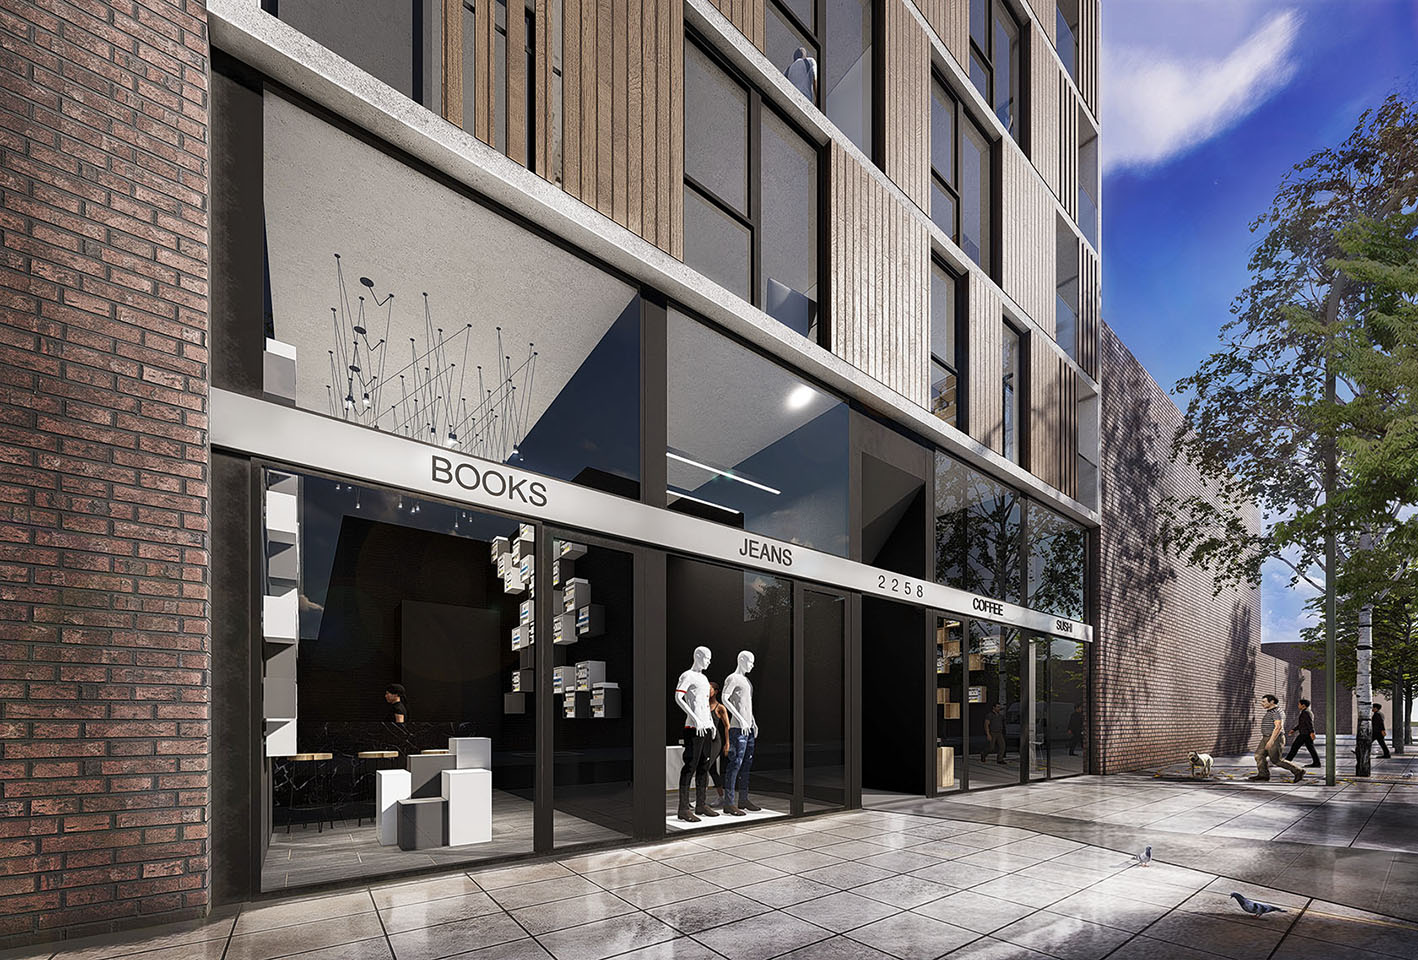 Diseño de locales modernos, locales con fachadas negras, planta baja comercial en edificios de vivienda